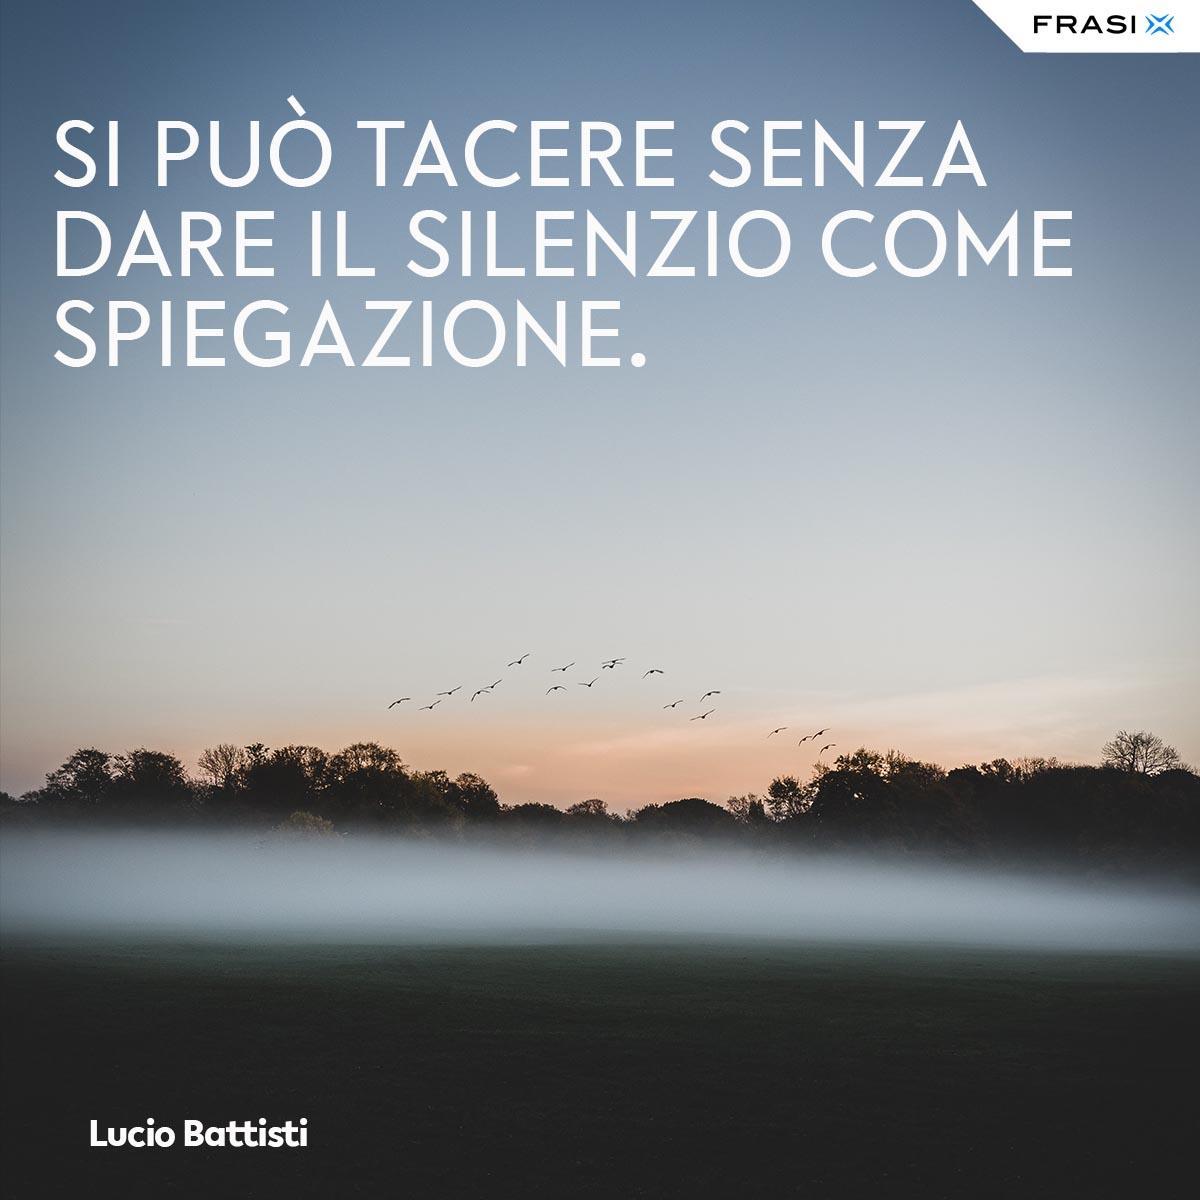 Frasi tumblr Lucio Battisti